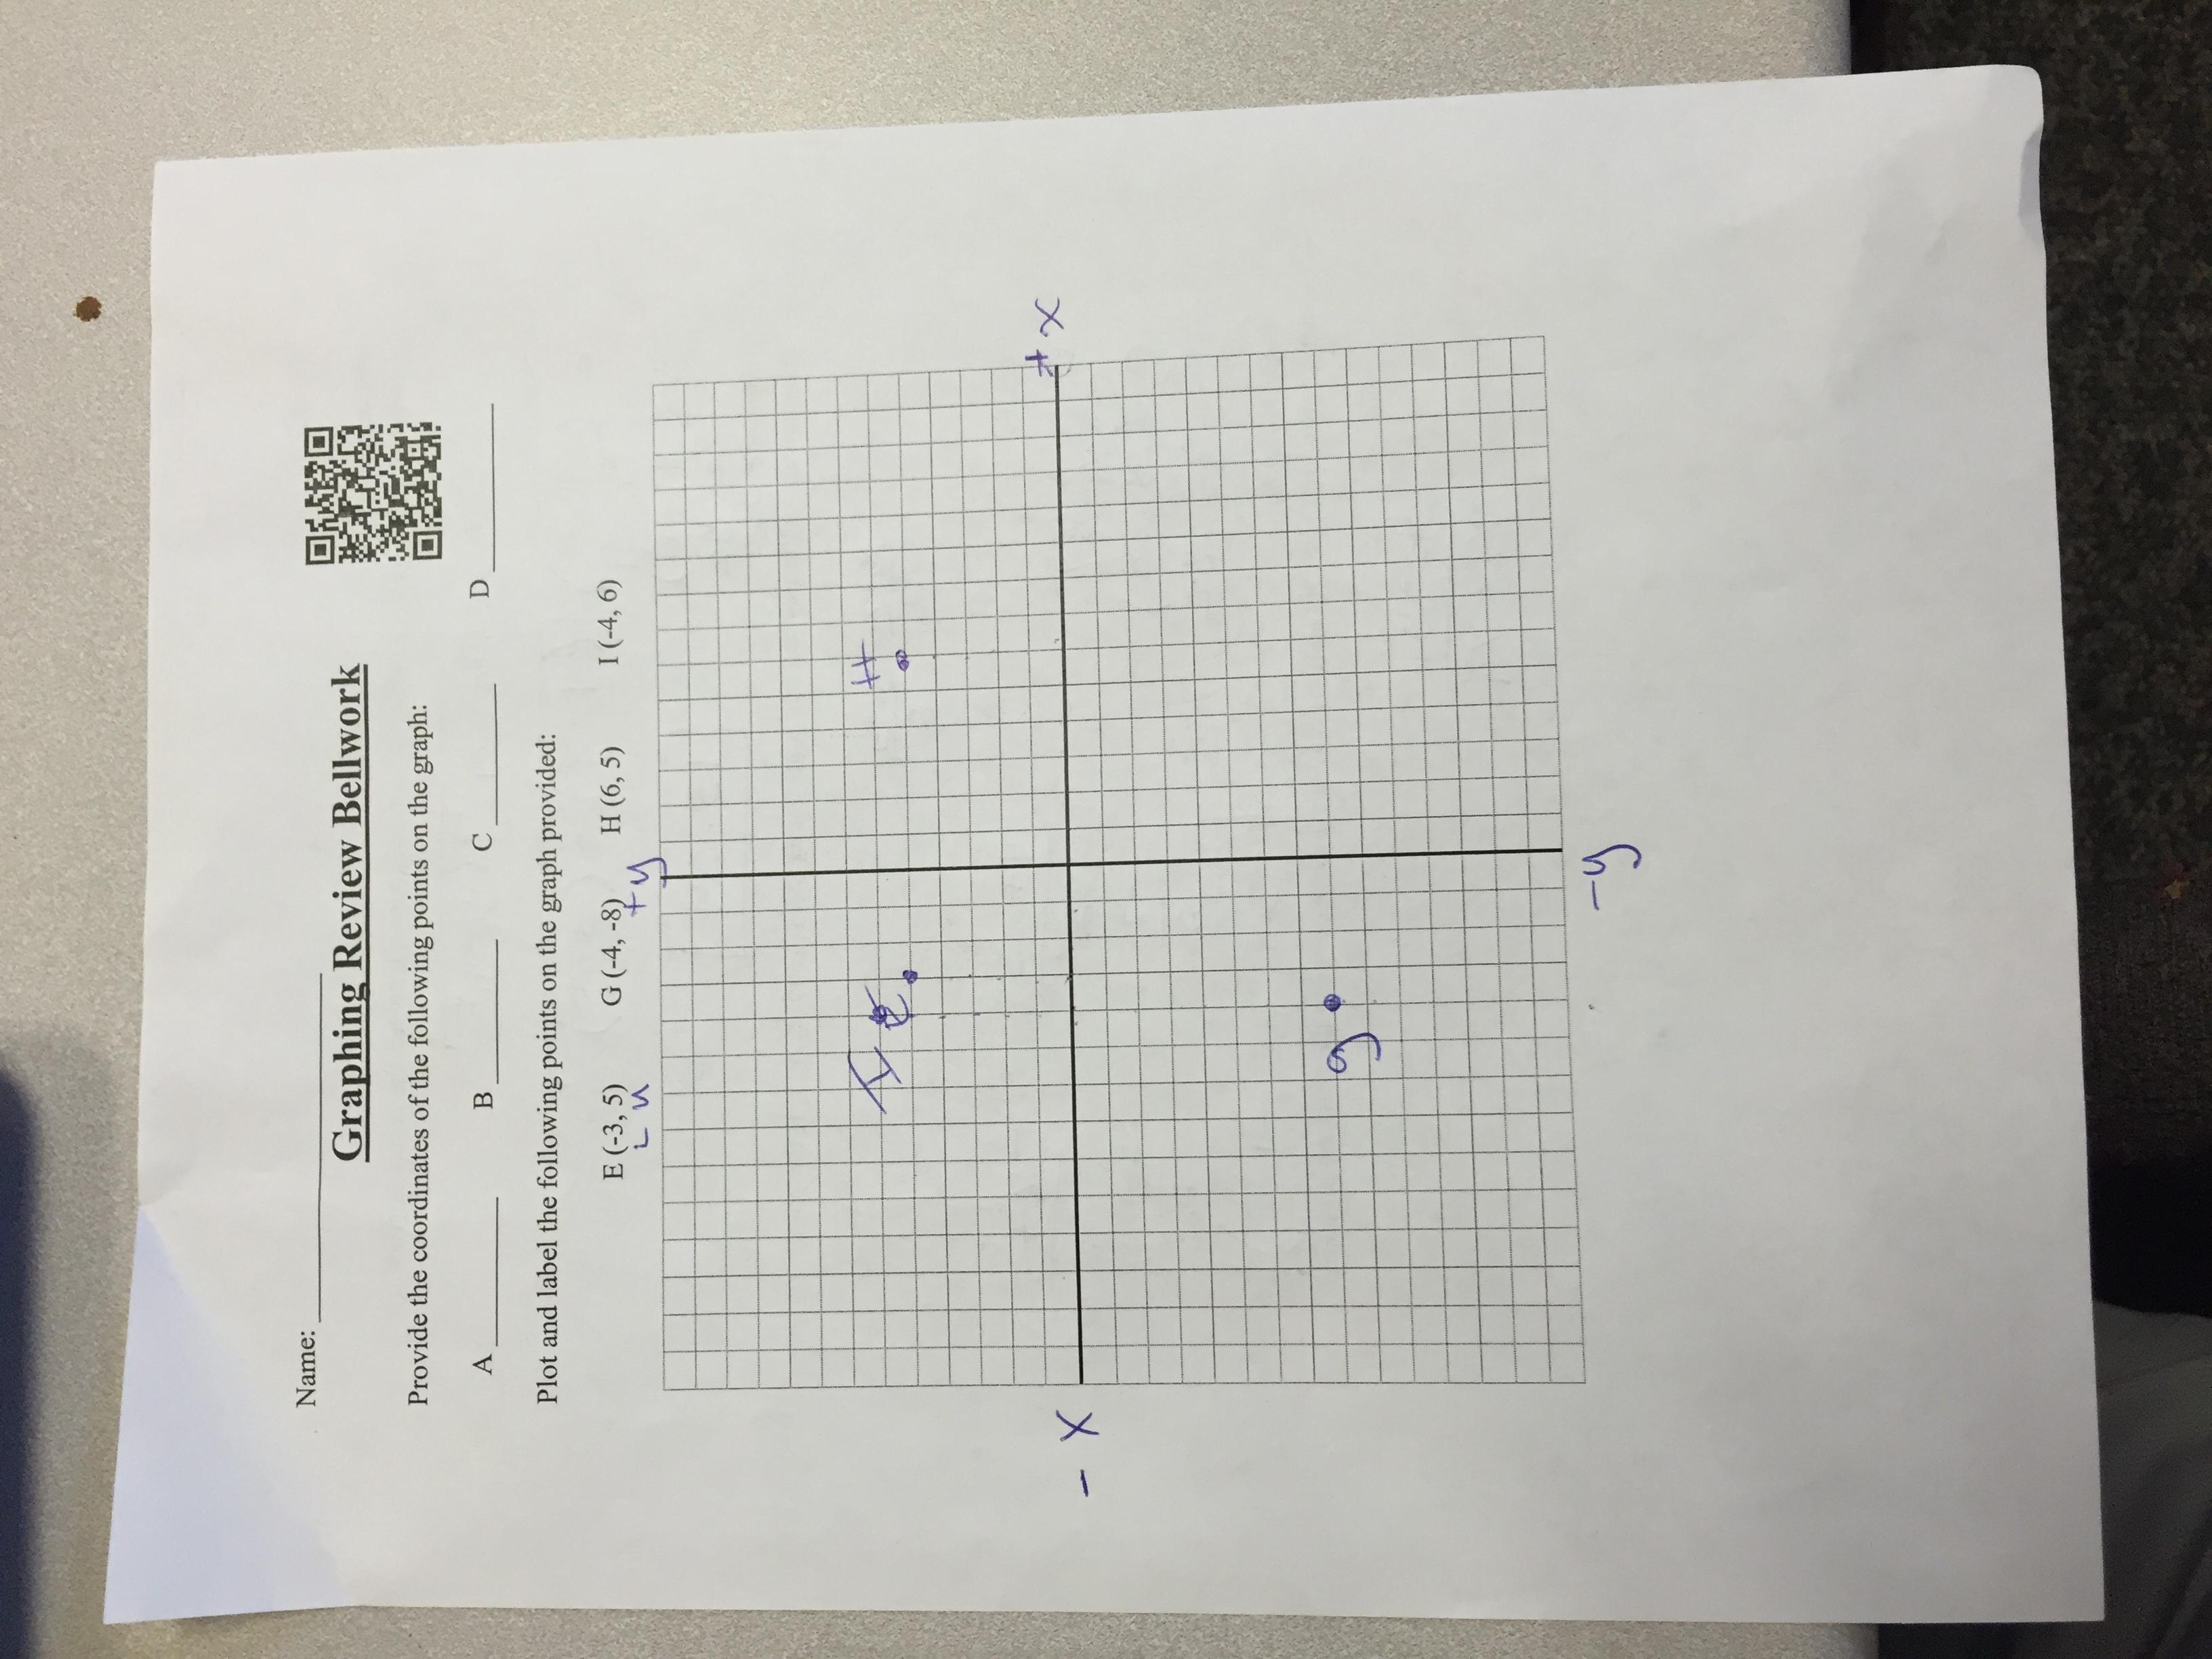 worksheet Algebraic Proofs Worksheet With Answers Luizah – Algebraic Proofs Worksheet with Answers